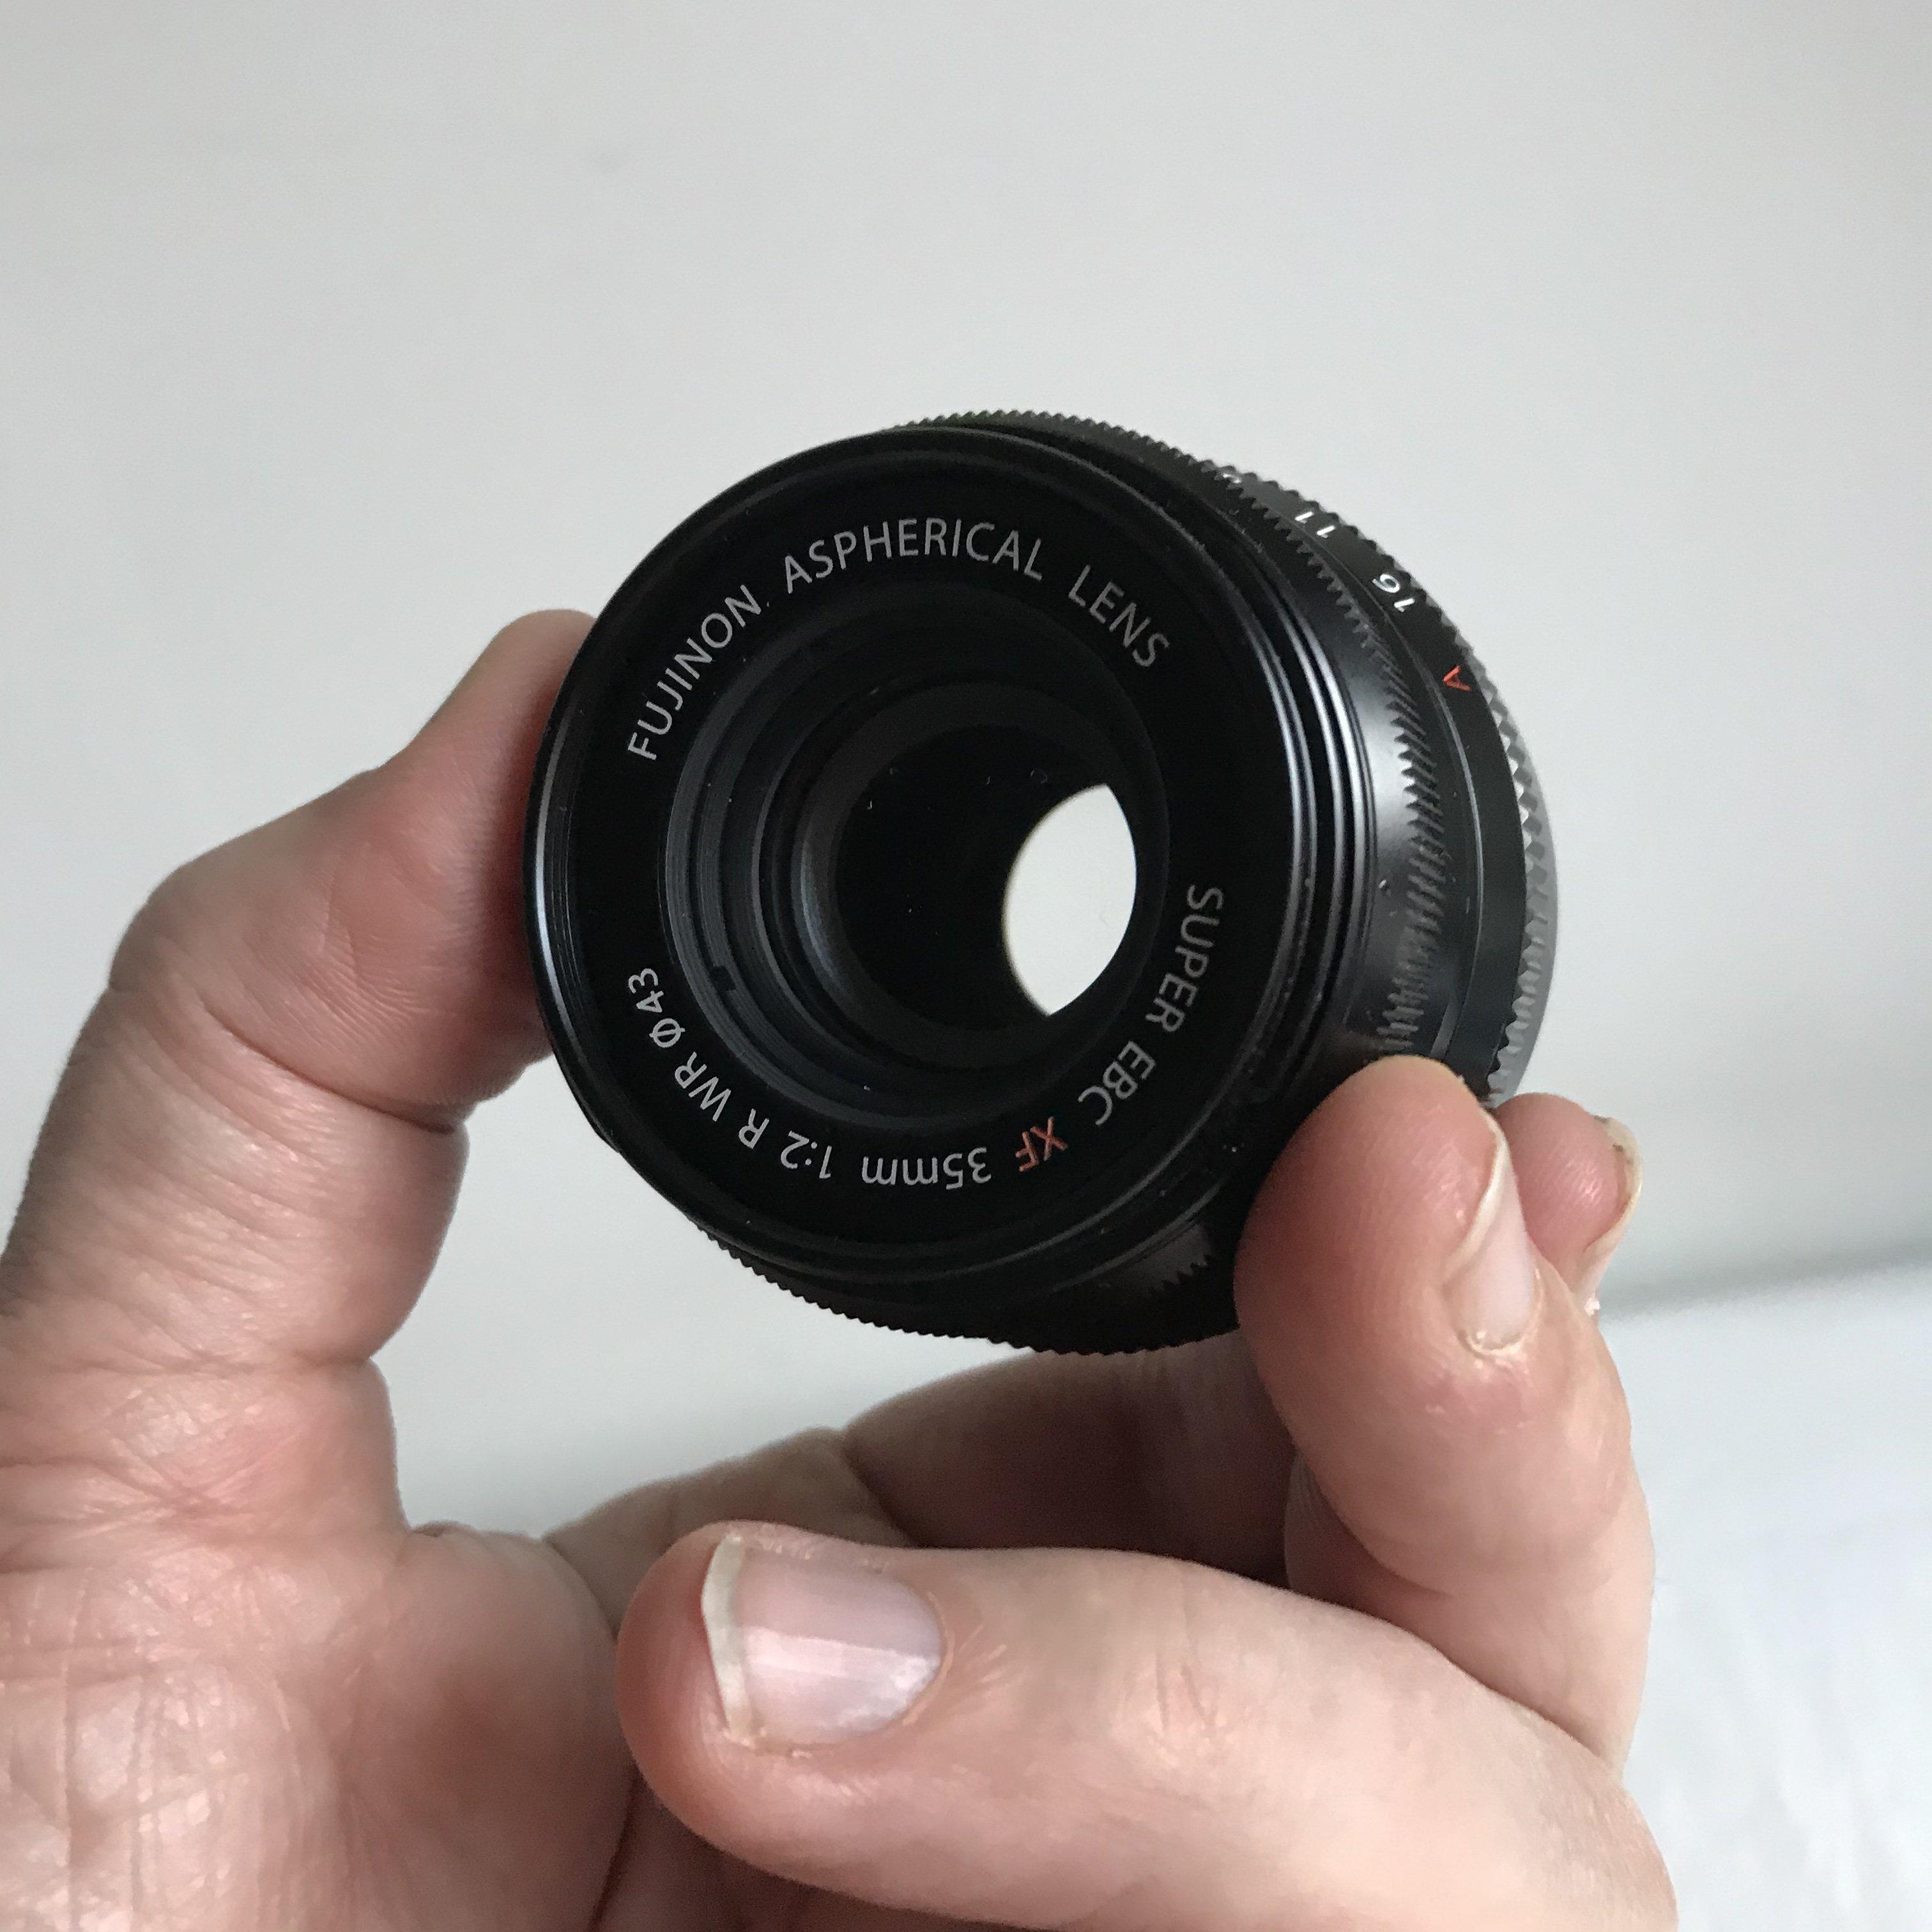 8C7A160C-6C57-49B5-8124-B910D600F855.jpeg